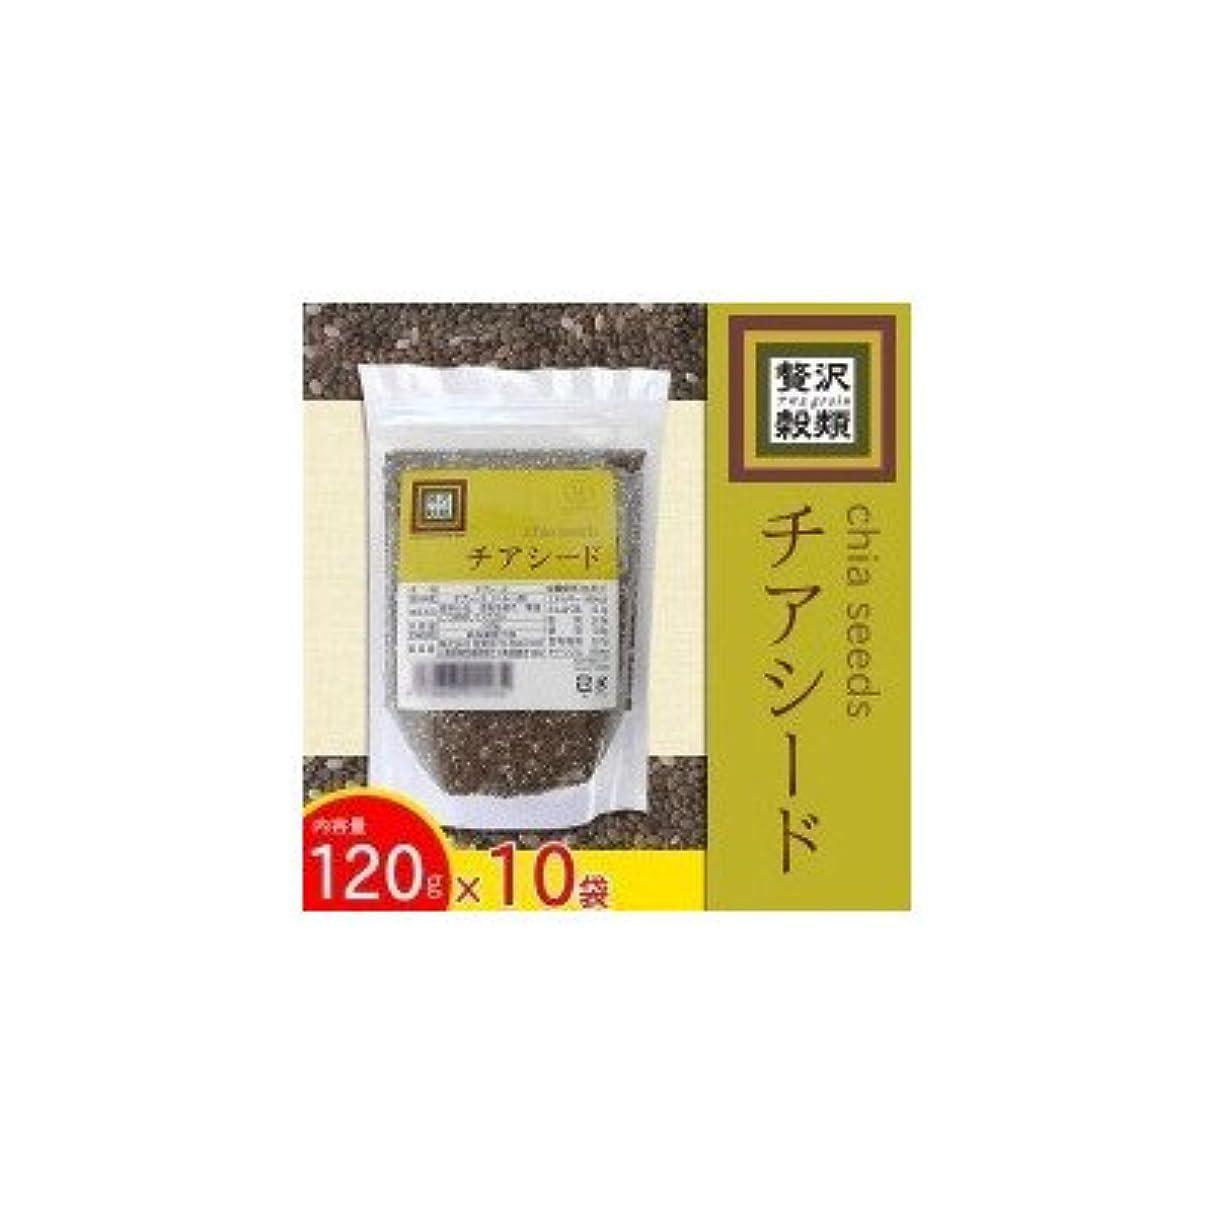 フォーラムテセウス素朴な贅沢穀類 チアシード 120g×10袋